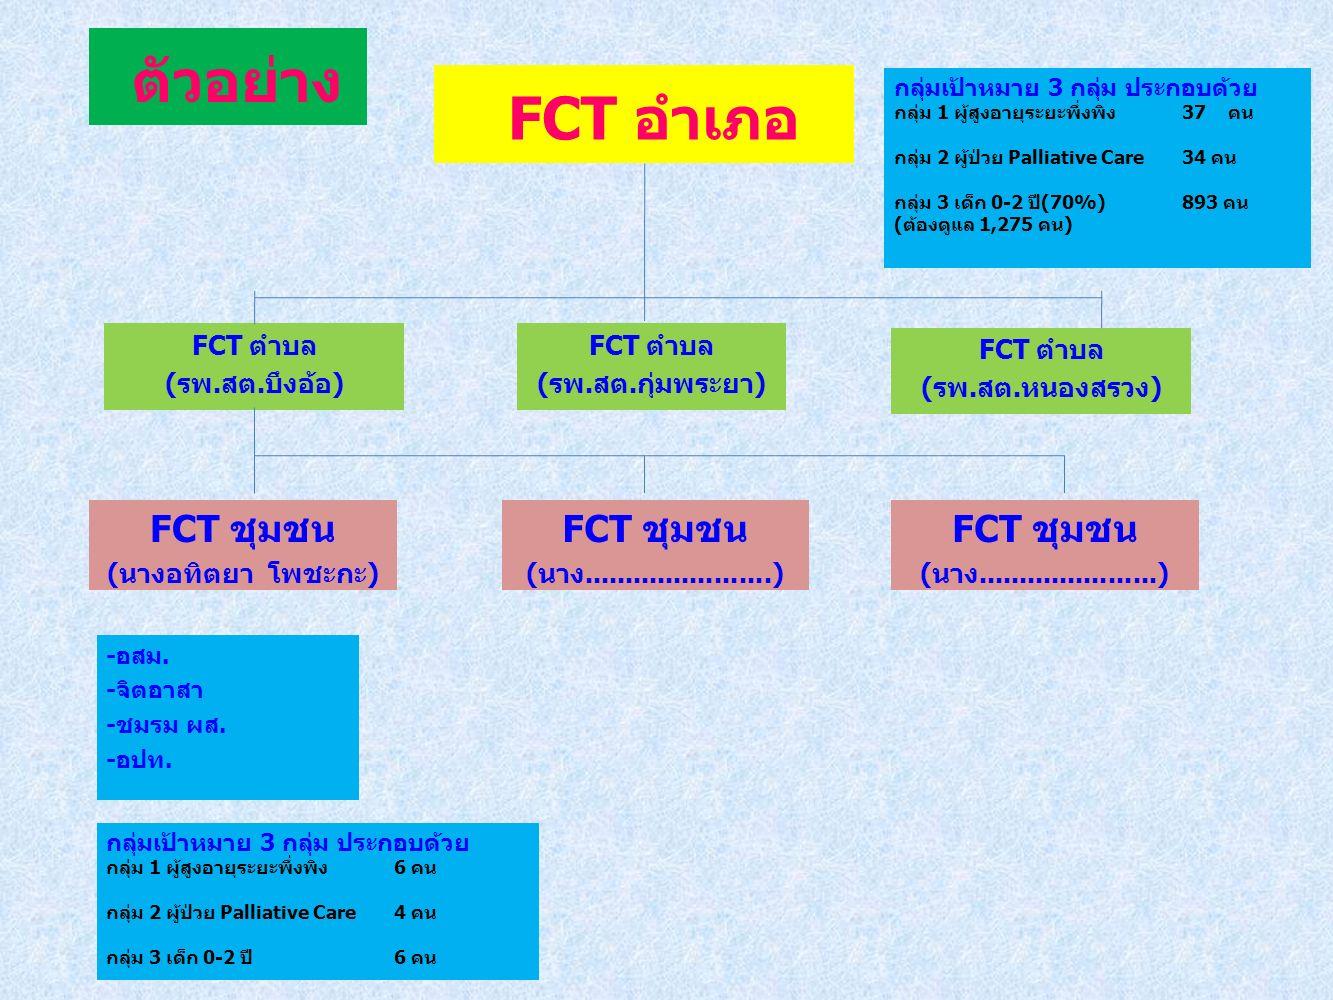 FCT อำเภอ FCT ตำบล (รพ.สต.บึงอ้อ) FCT ชุมชน (นางอทิตยา โพชะกะ) -อสม.